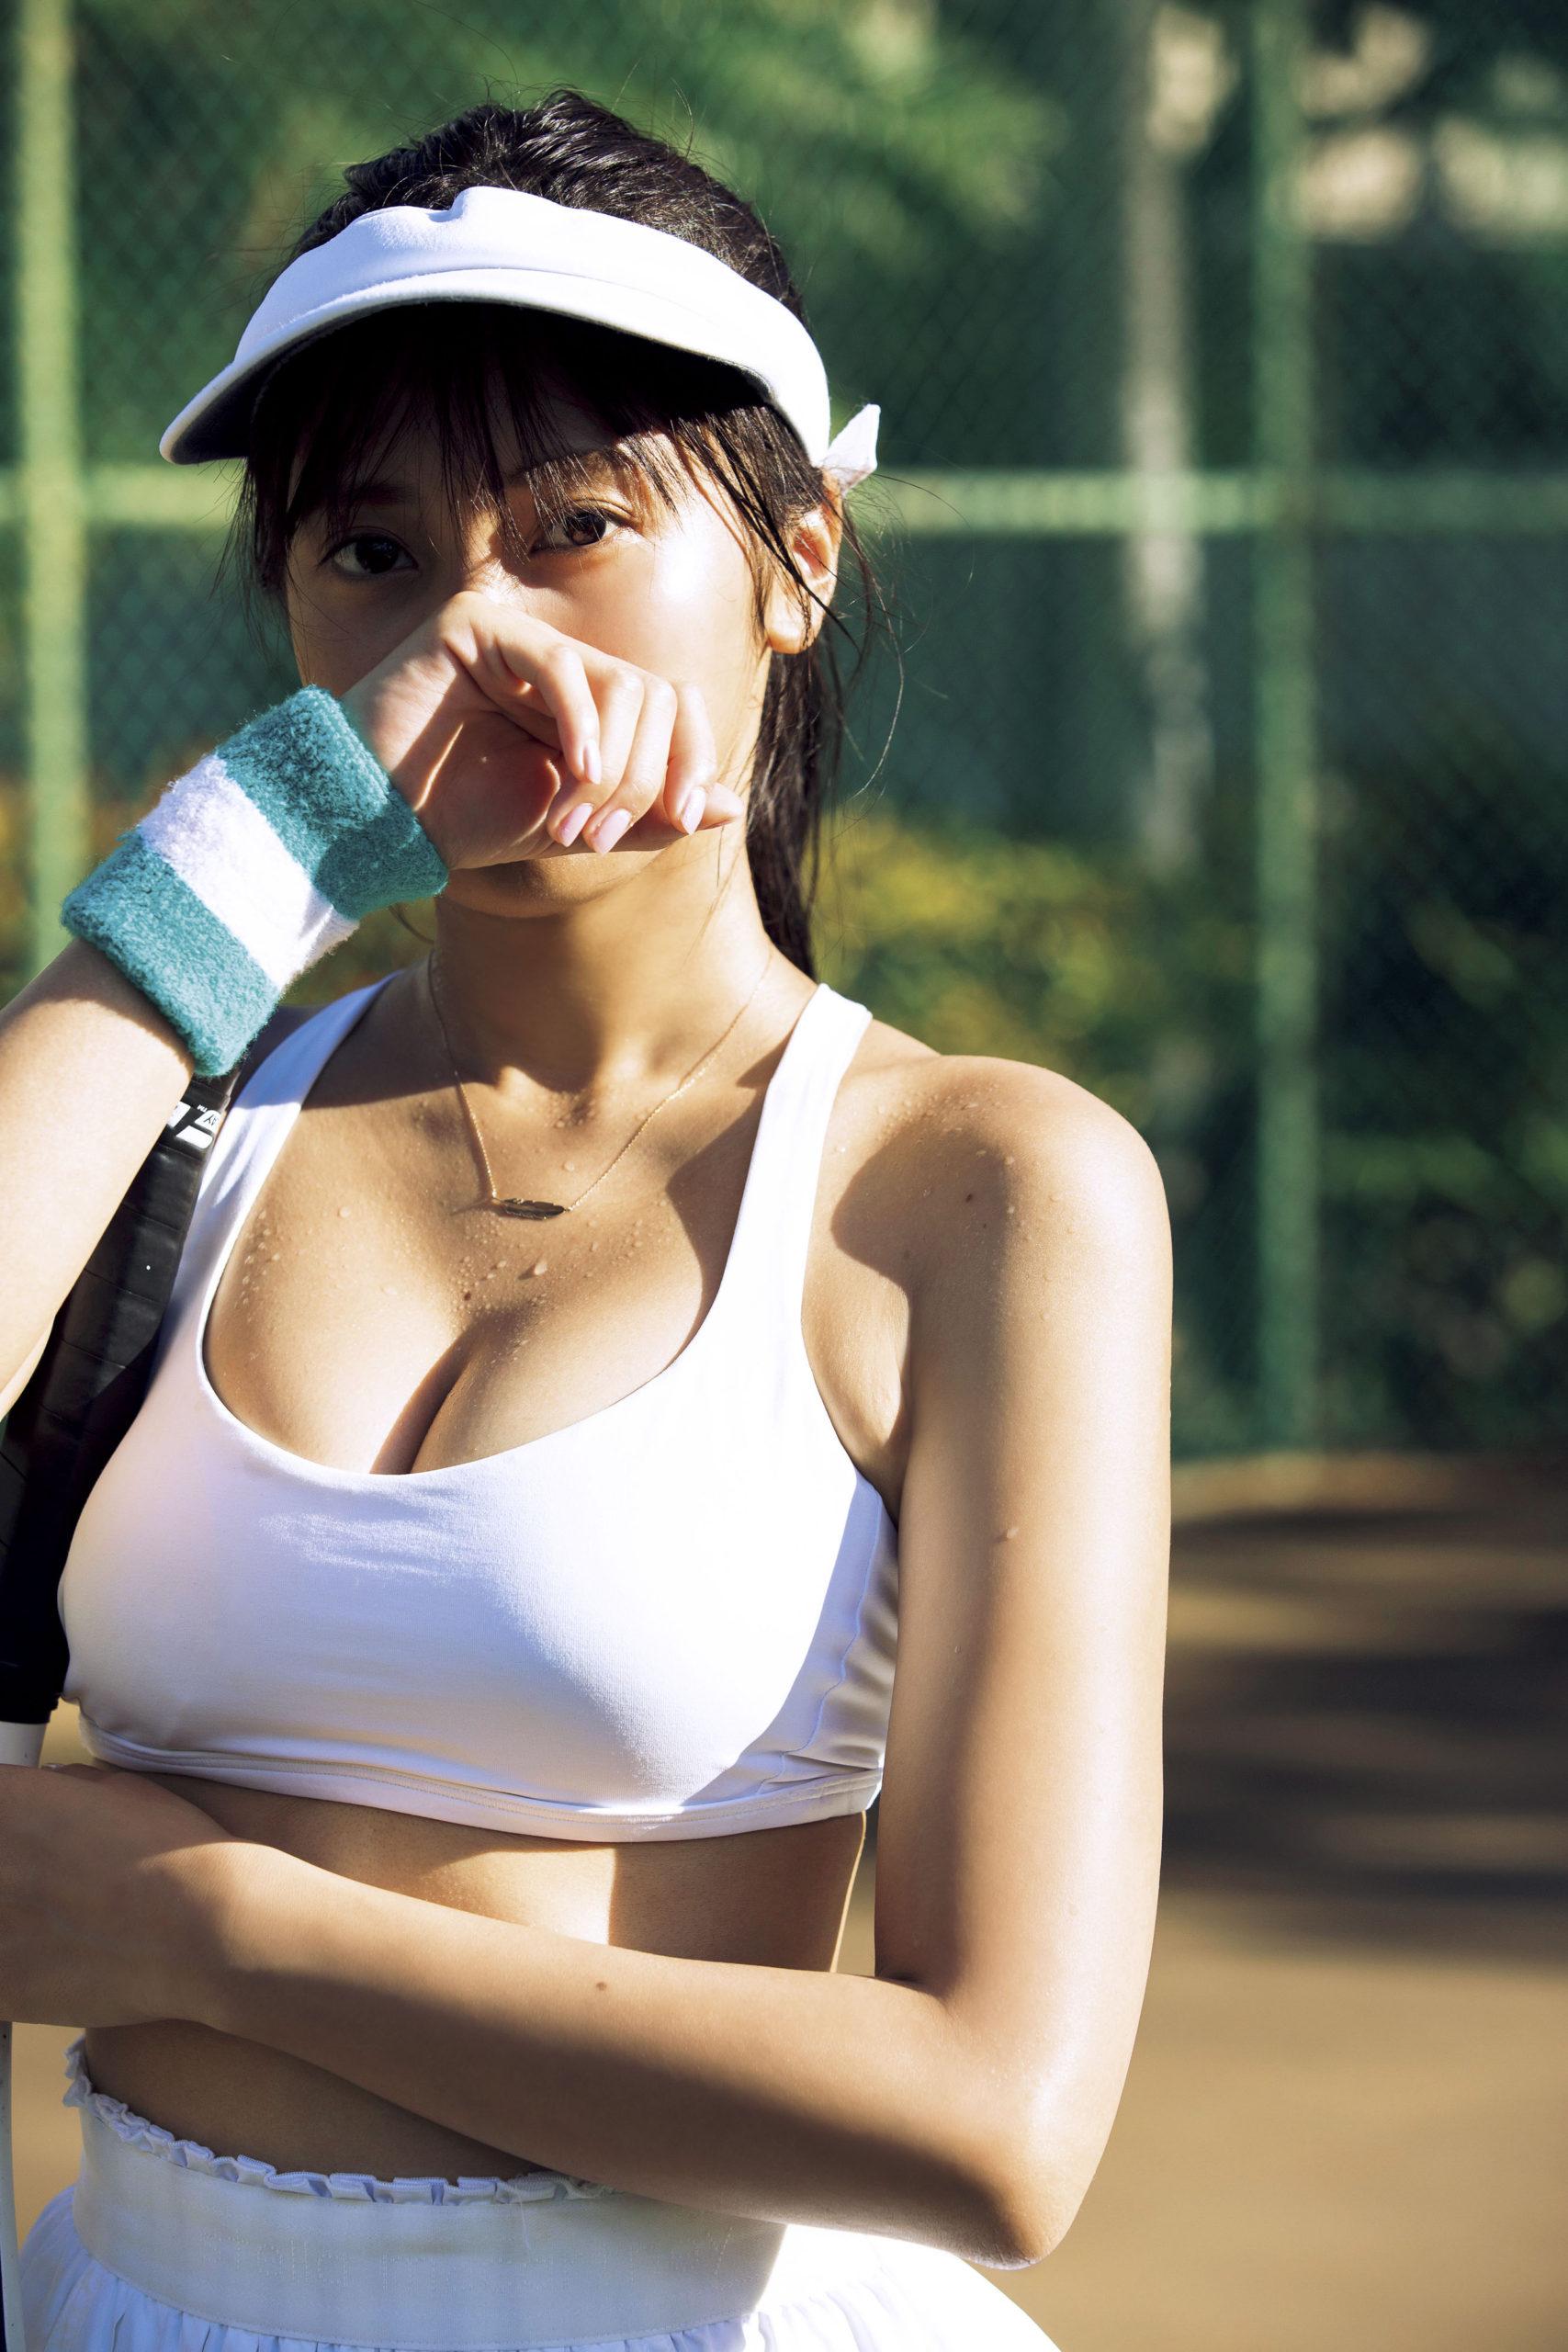 佐野ひなこ・写真集『Hina』(光文社)2020年3月